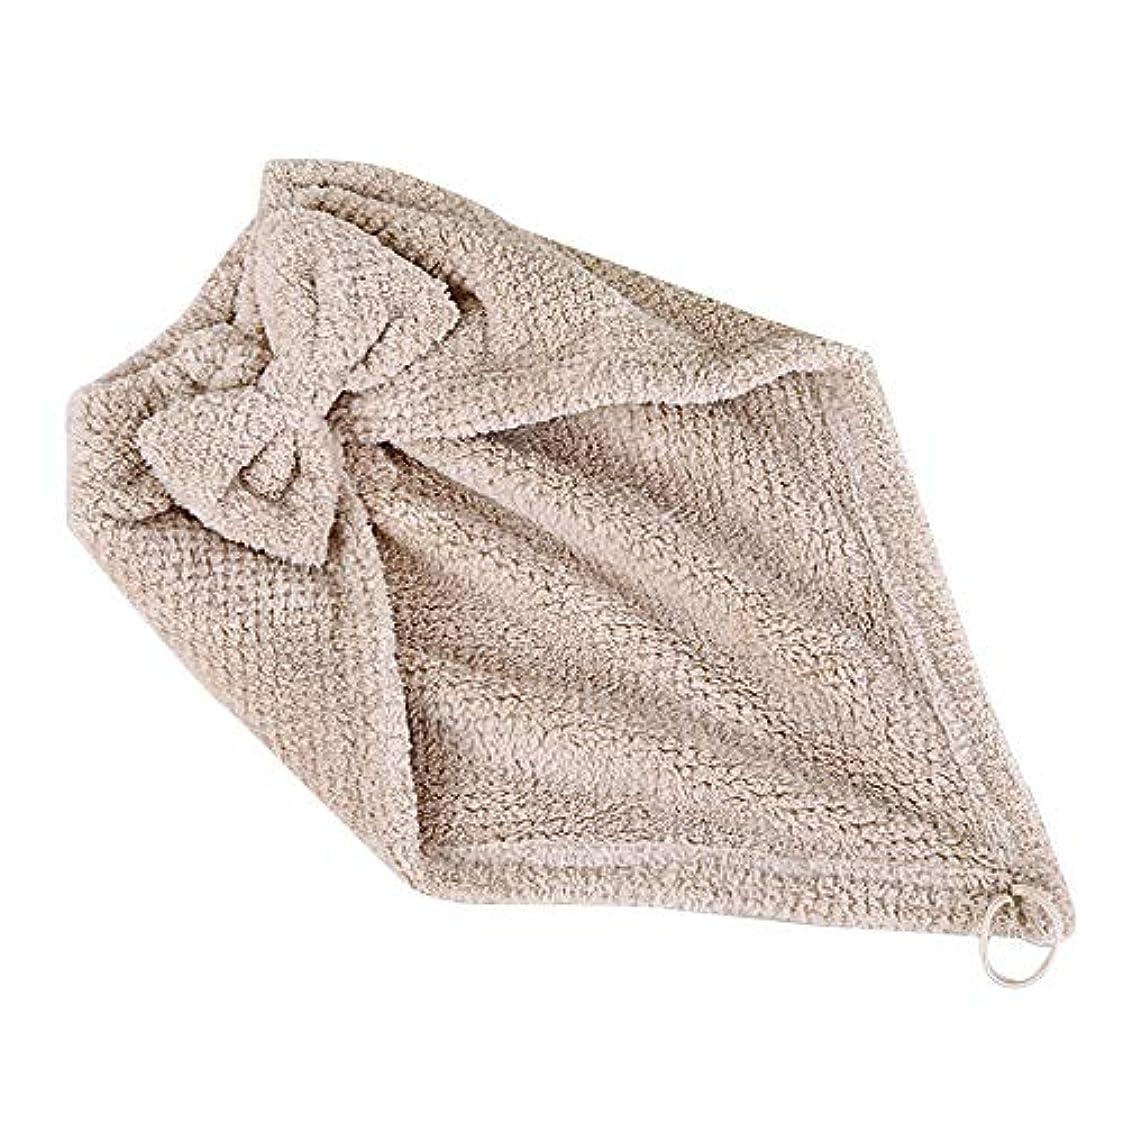 無駄に病気体ボコダダ(Vocodada)タオルキャップ ヘアキャップ 吸水 ヘアドライタオル 速乾 マイクロファイバー ヘア 乾燥 タオル 帽子 キャップ 風呂 ふわふわ コーラルフリース 厚い 三角形 46.5*25cm (カーキ)